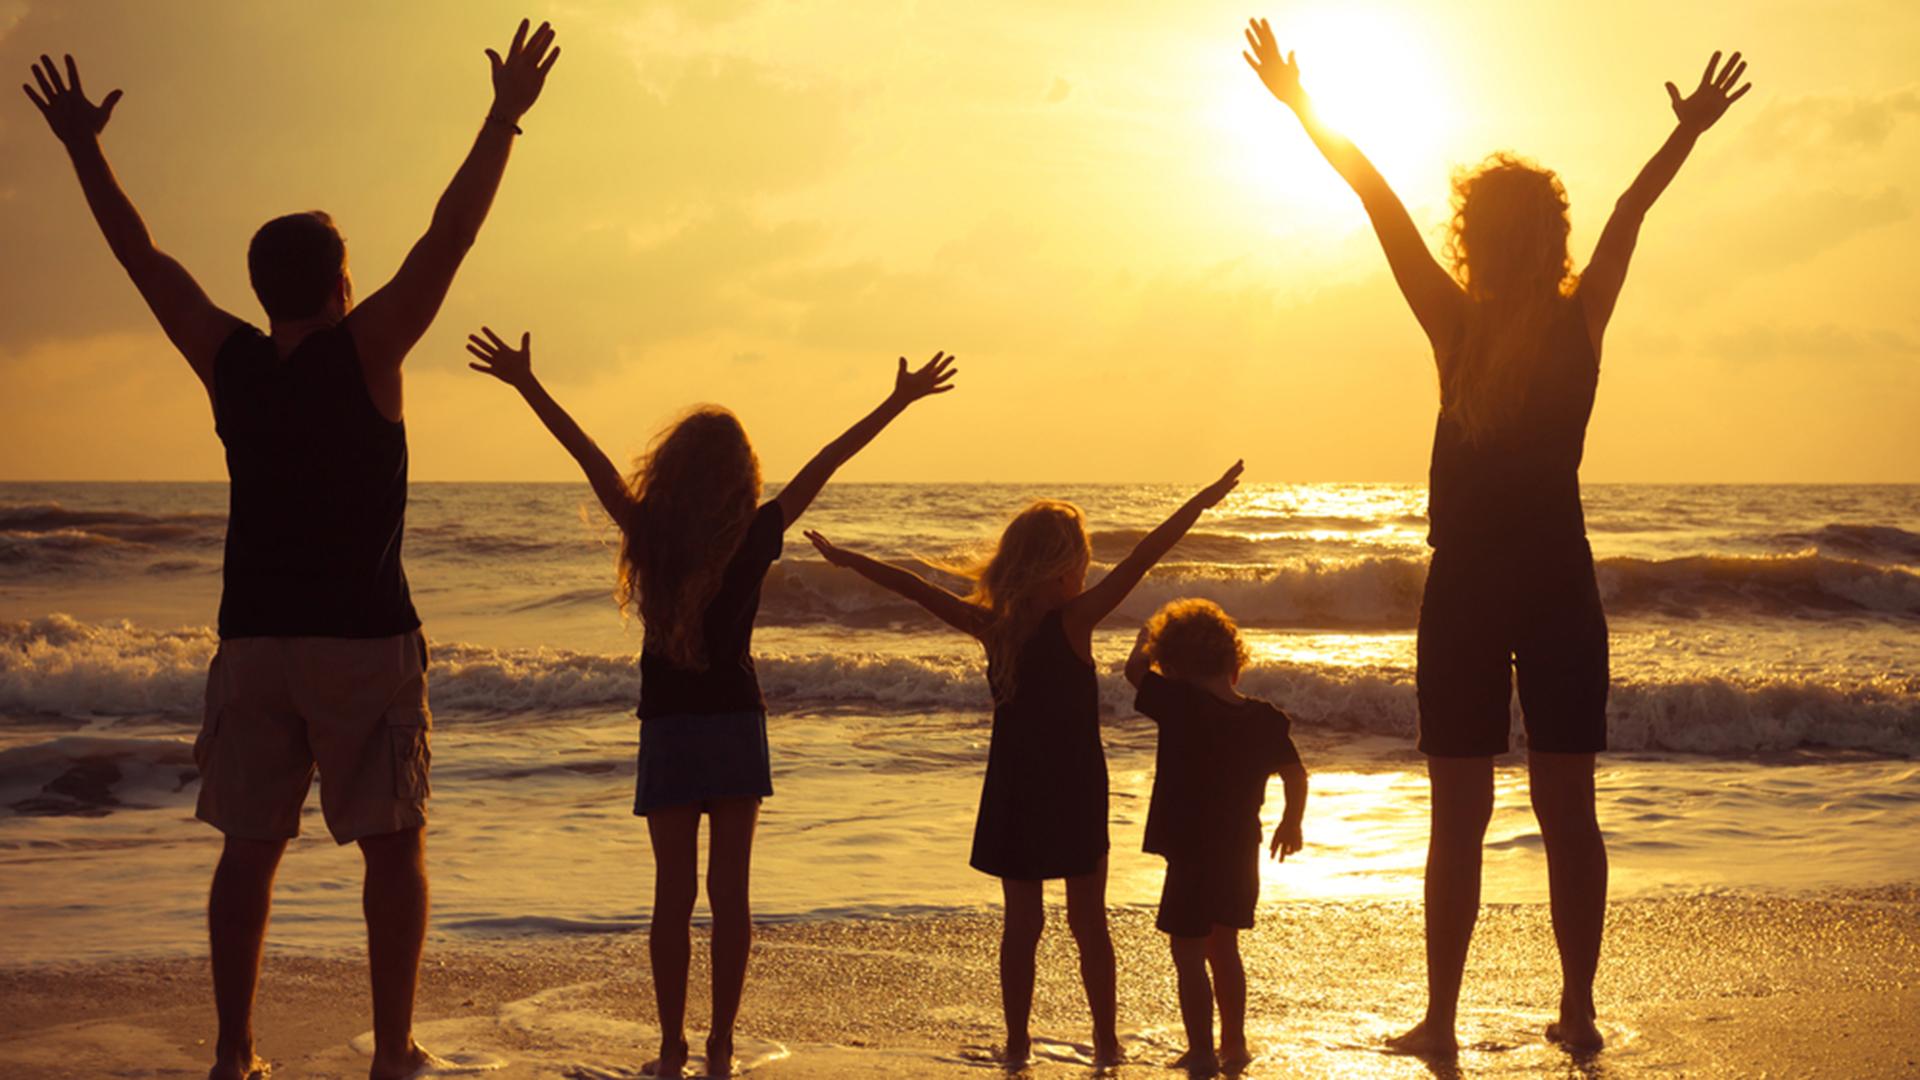 счастливая, любящая друг друга семья